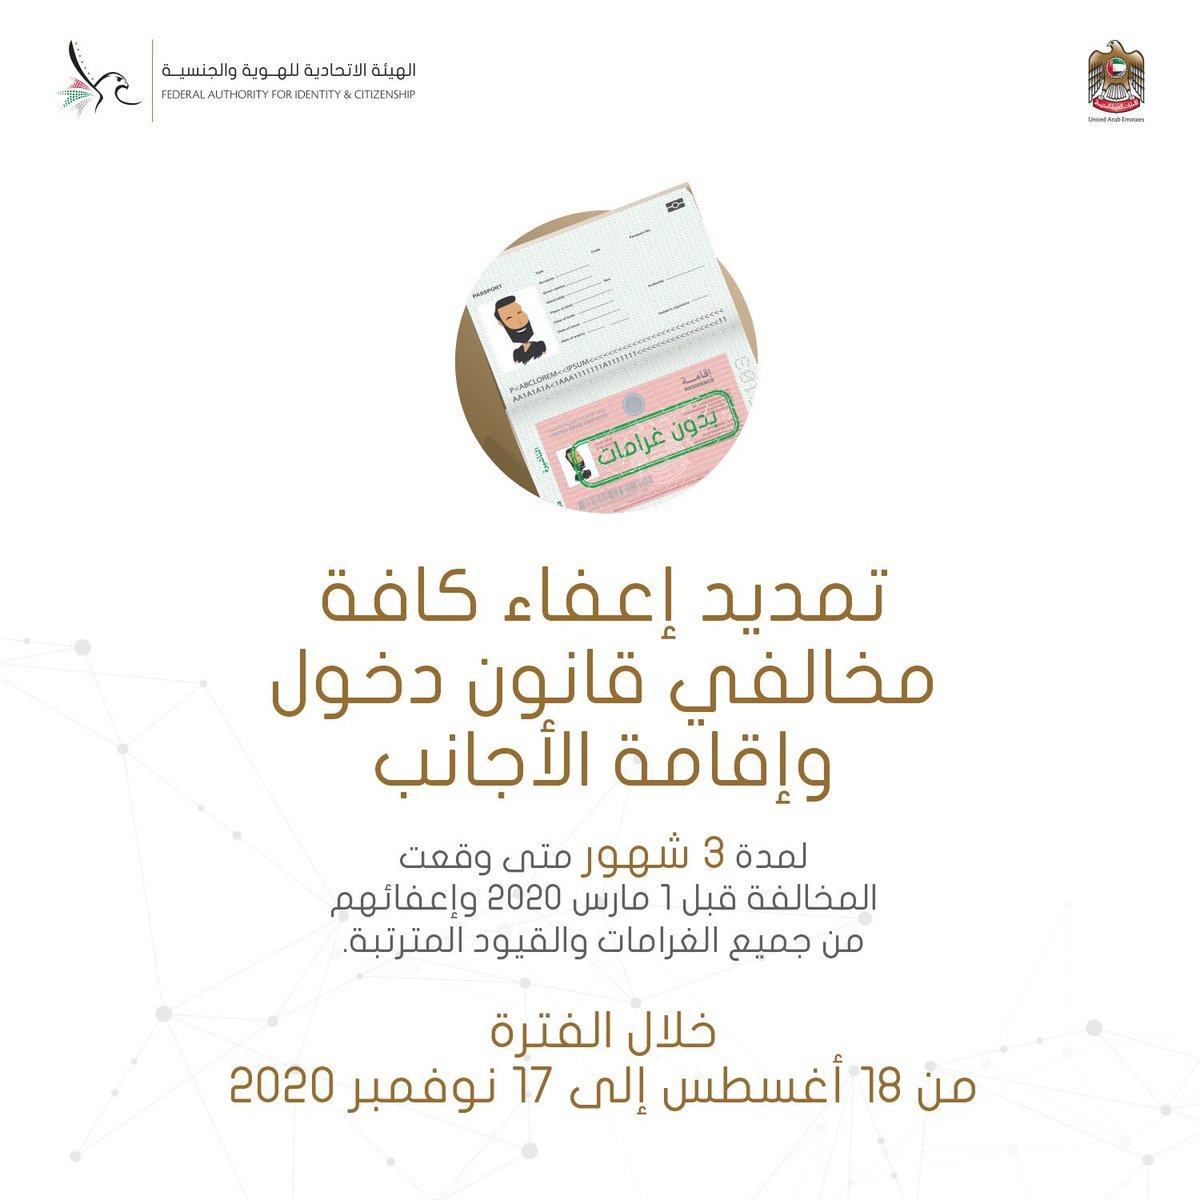 تمديد إعفاء كافة مخالفي قانون دخول وإقامة الأجانب. The grace period for violators of entry and residency law is extended ____   #الهيئة_الاتحادية_للهوية_والجنسية #هوية_موثوقة_وخدمات_رائدة #ICA #TrustedIdentityandLeadingServices #IdentityandCitizenship #ICAUAEeChannels #UAE https://t.co/ZeXgiFGgvl